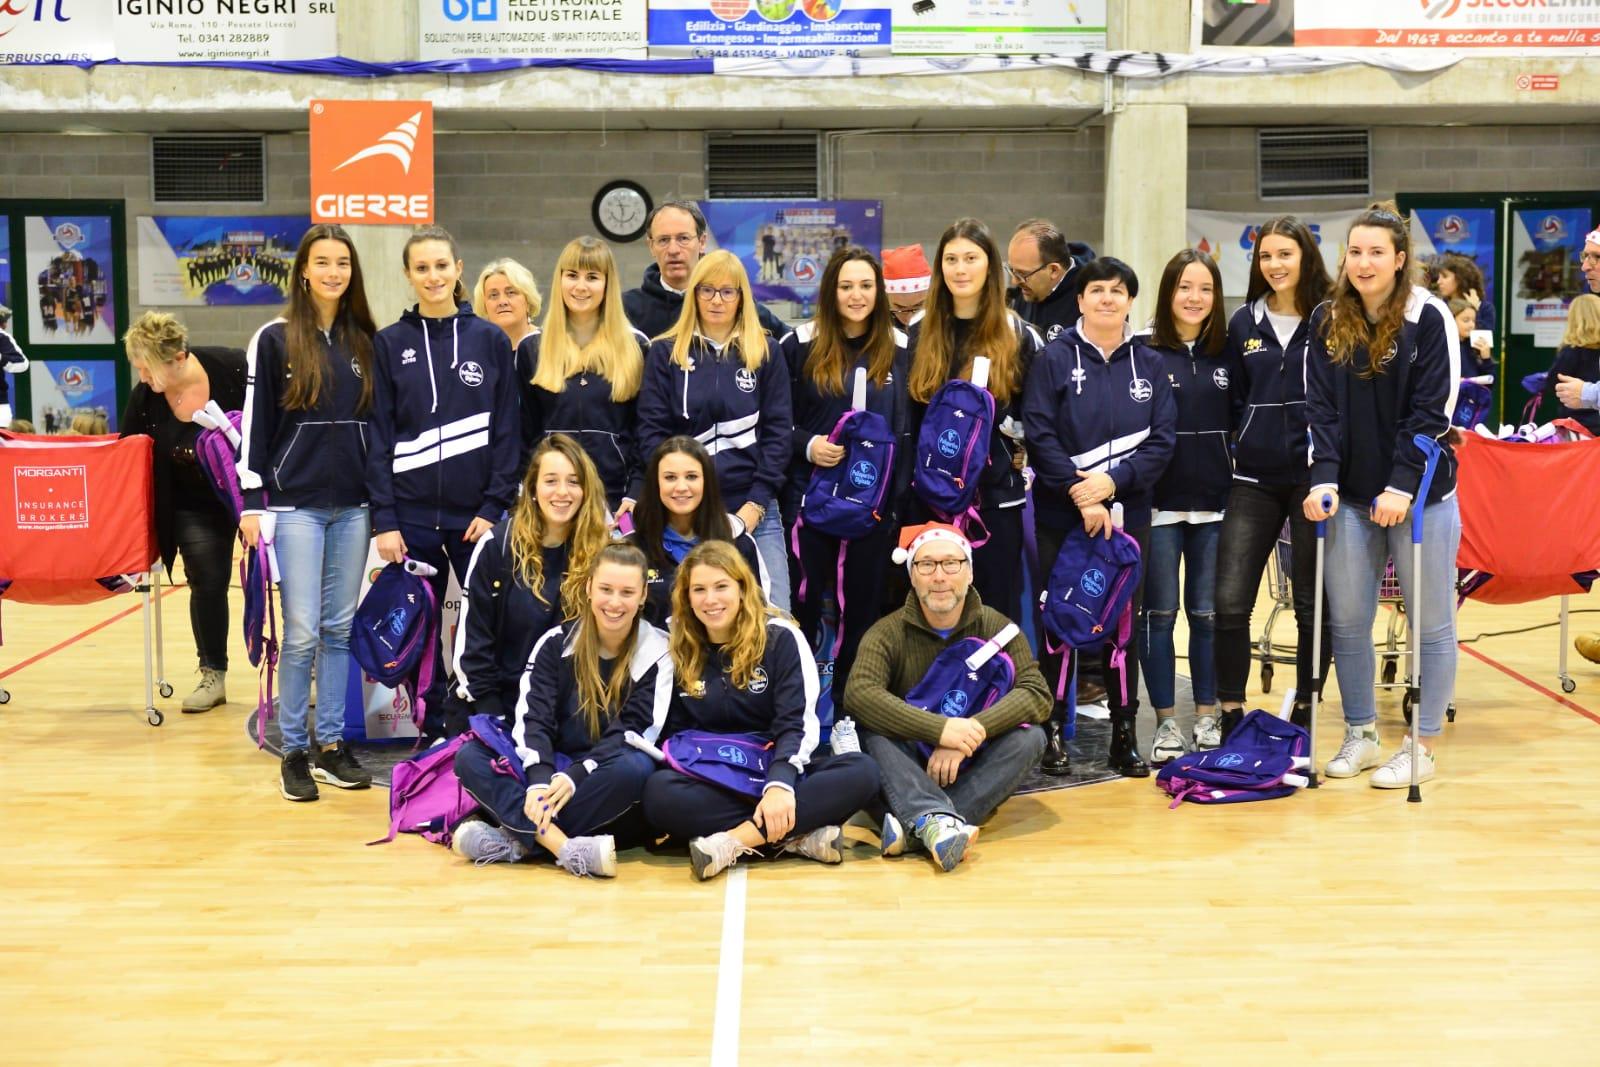 Olginate volley Festa Natale 2018 (13)